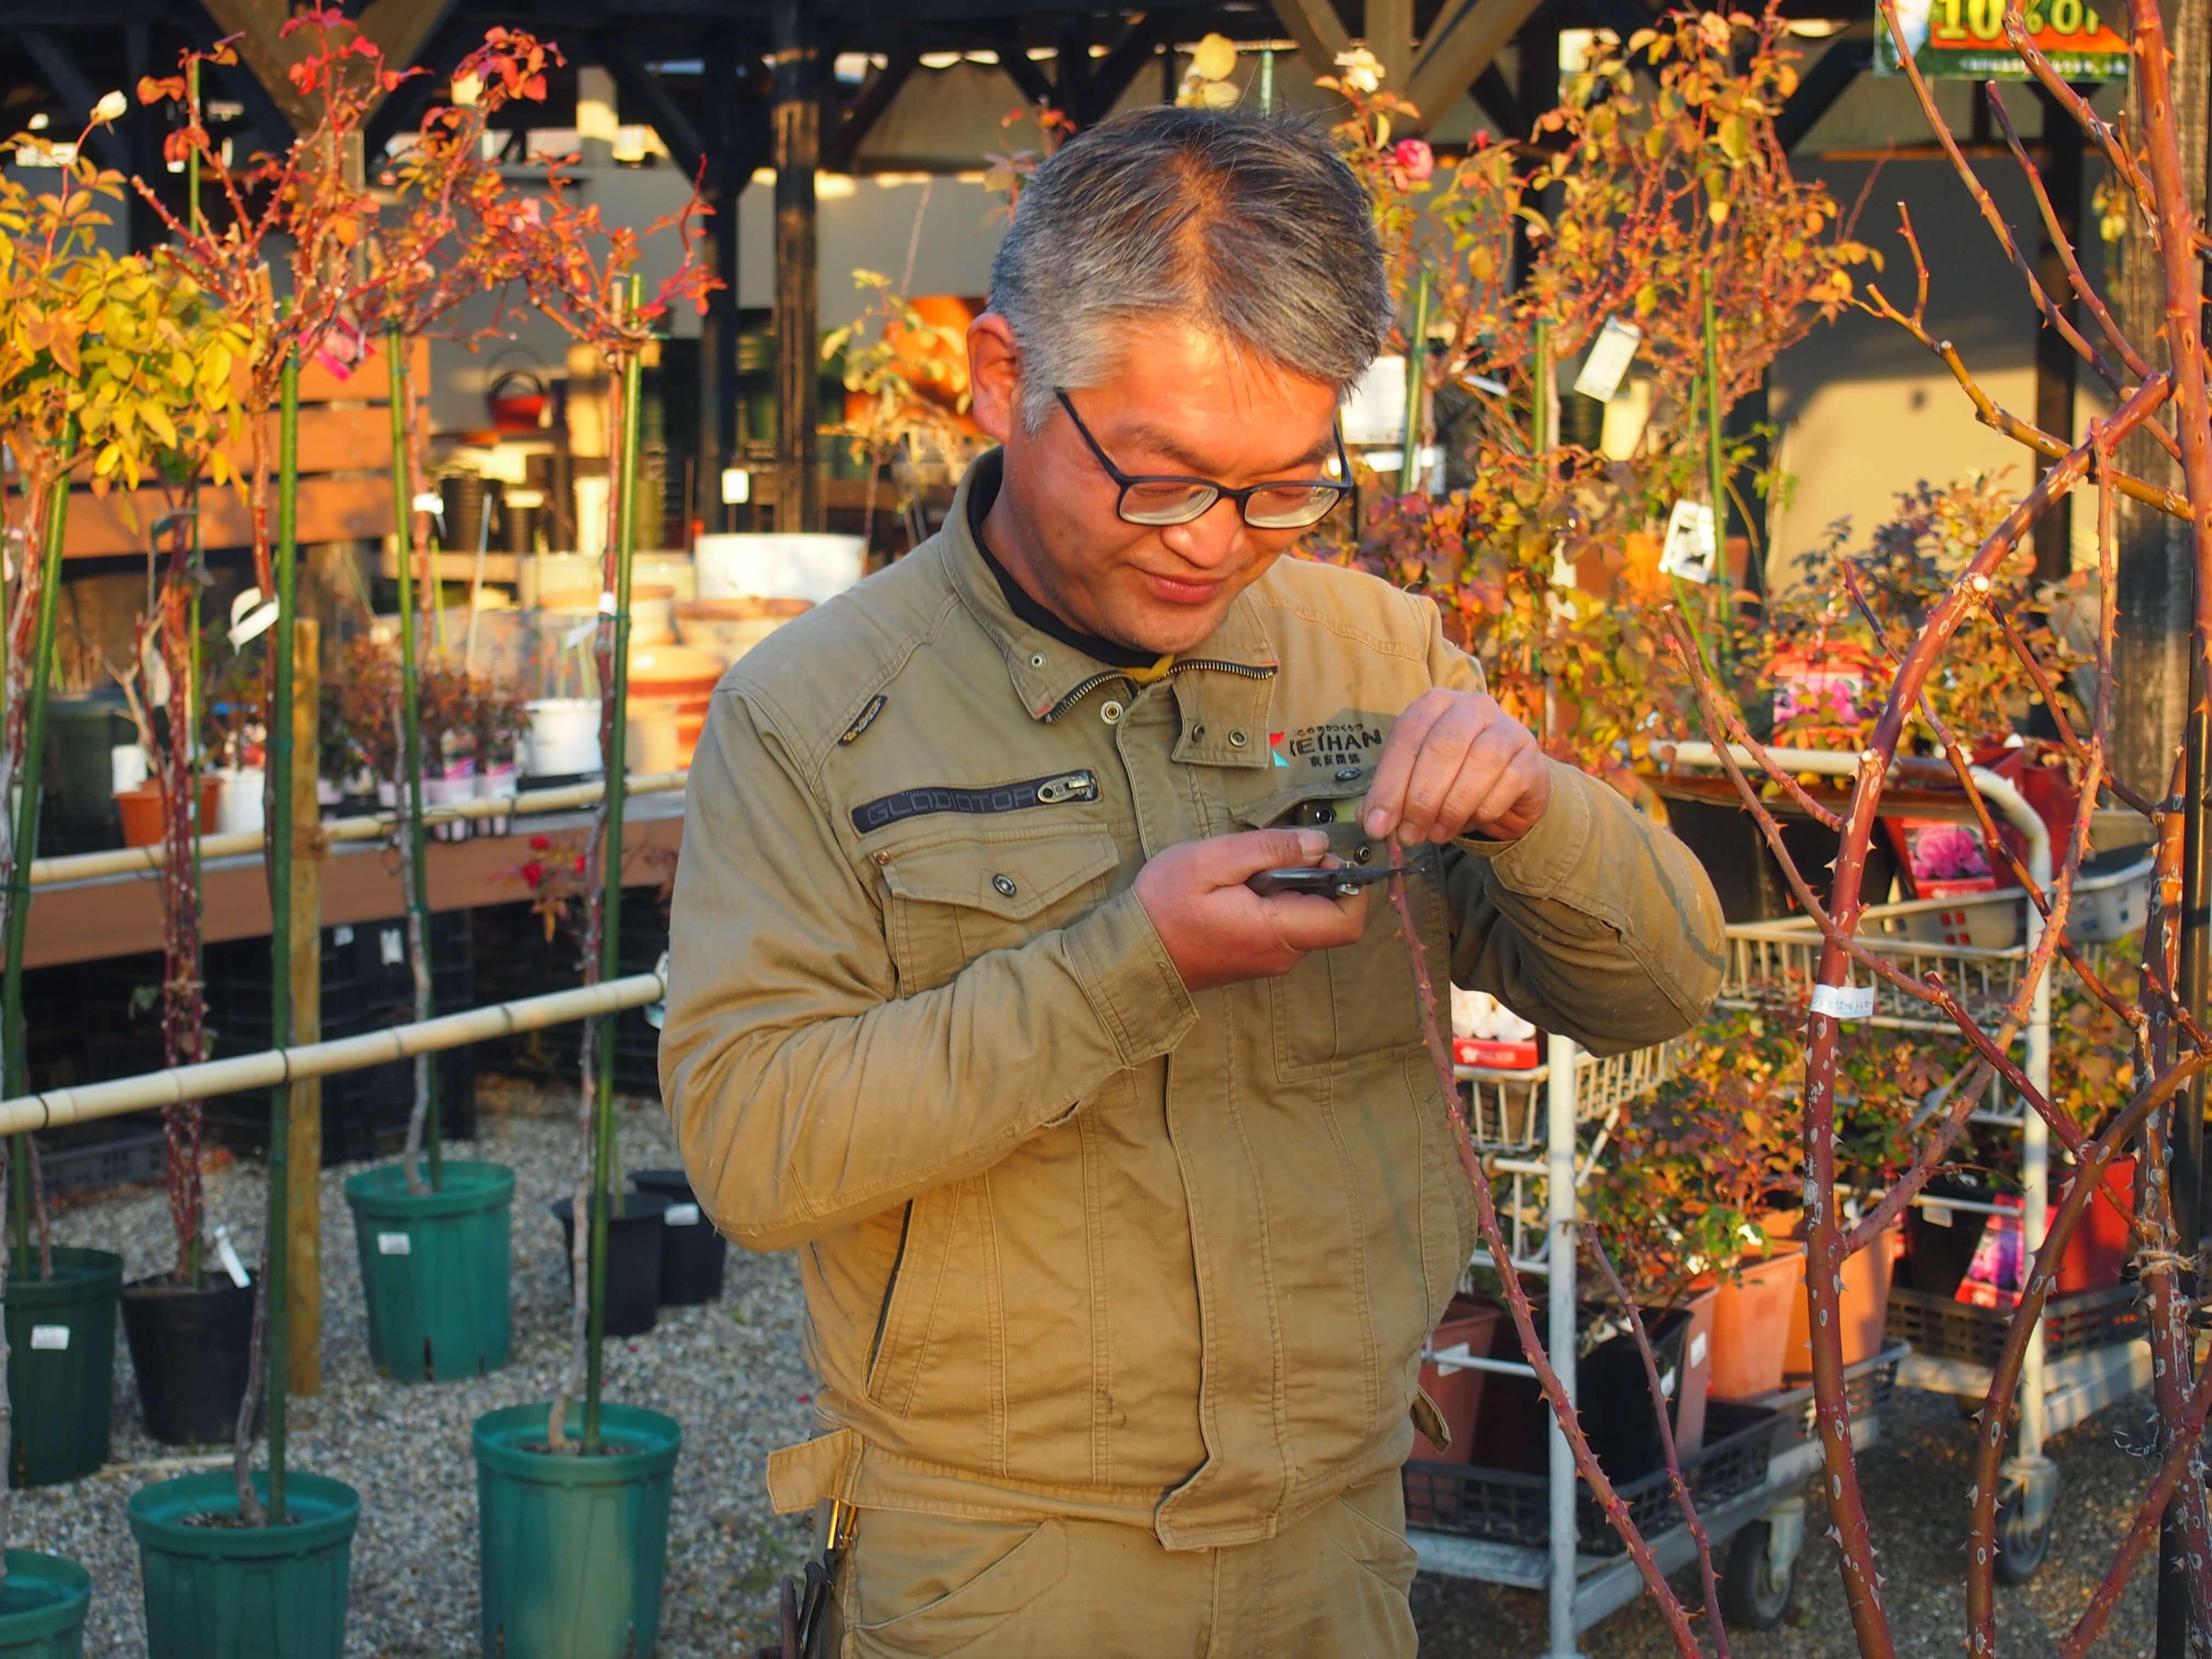 バラに話しかけるように接している小山内さん。「まさに子育てに似ています」とのこと。中之島でも、たくさんのバラとお話をされているのかも(京阪園芸ガーデンズにて)。